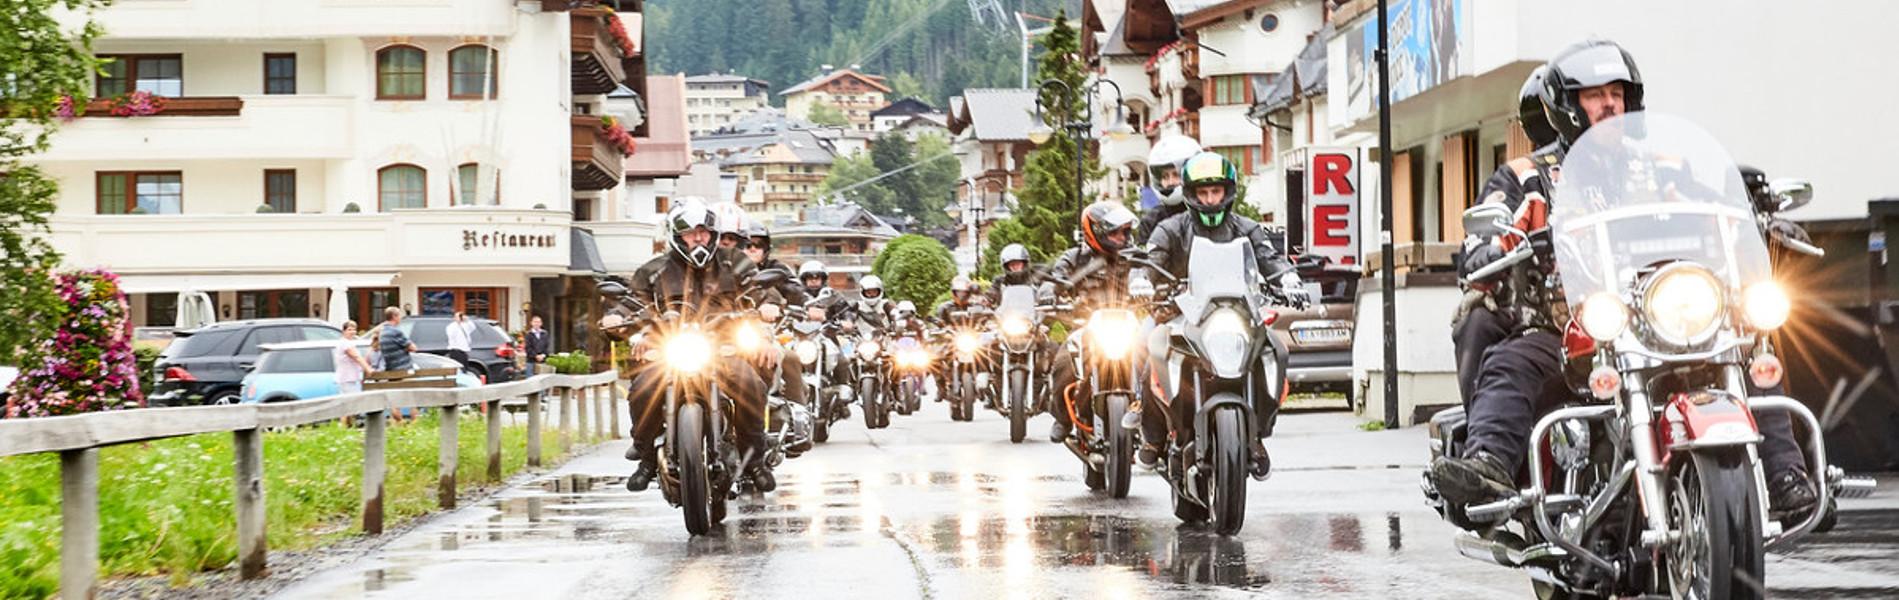 bikersummit3.jpg